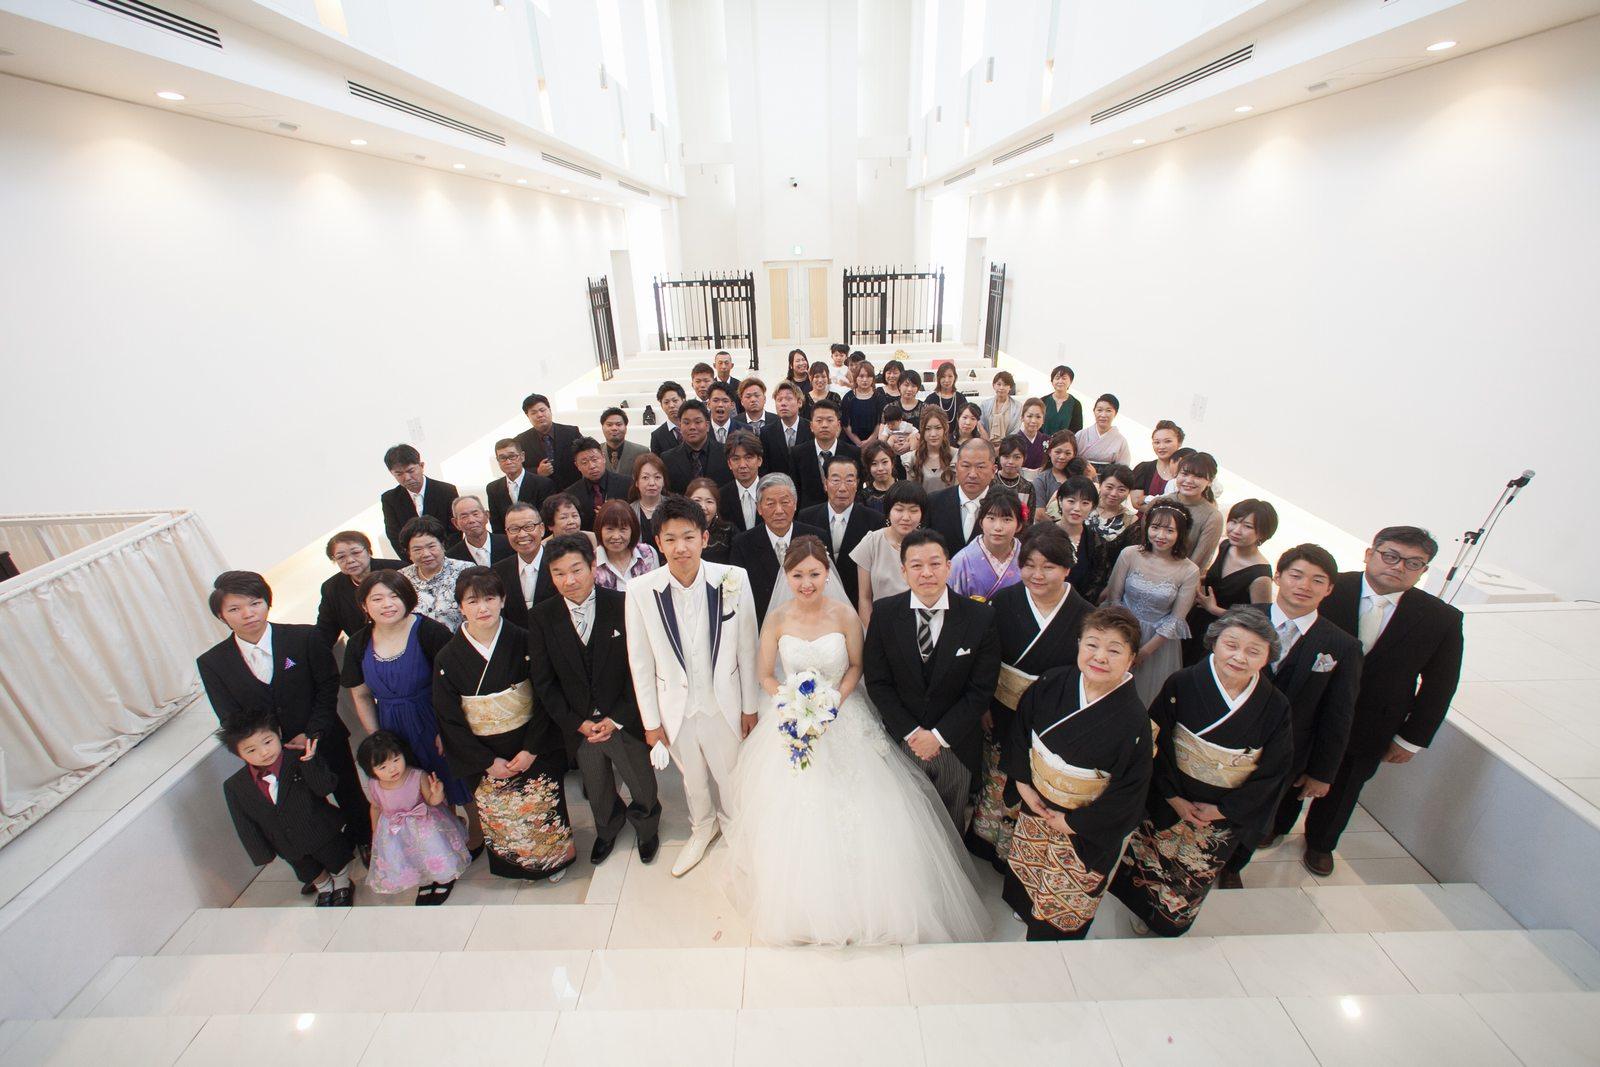 徳島市の結婚式場ブランアンジュでチャペル内での新郎新婦とゲスト全員による記念写真